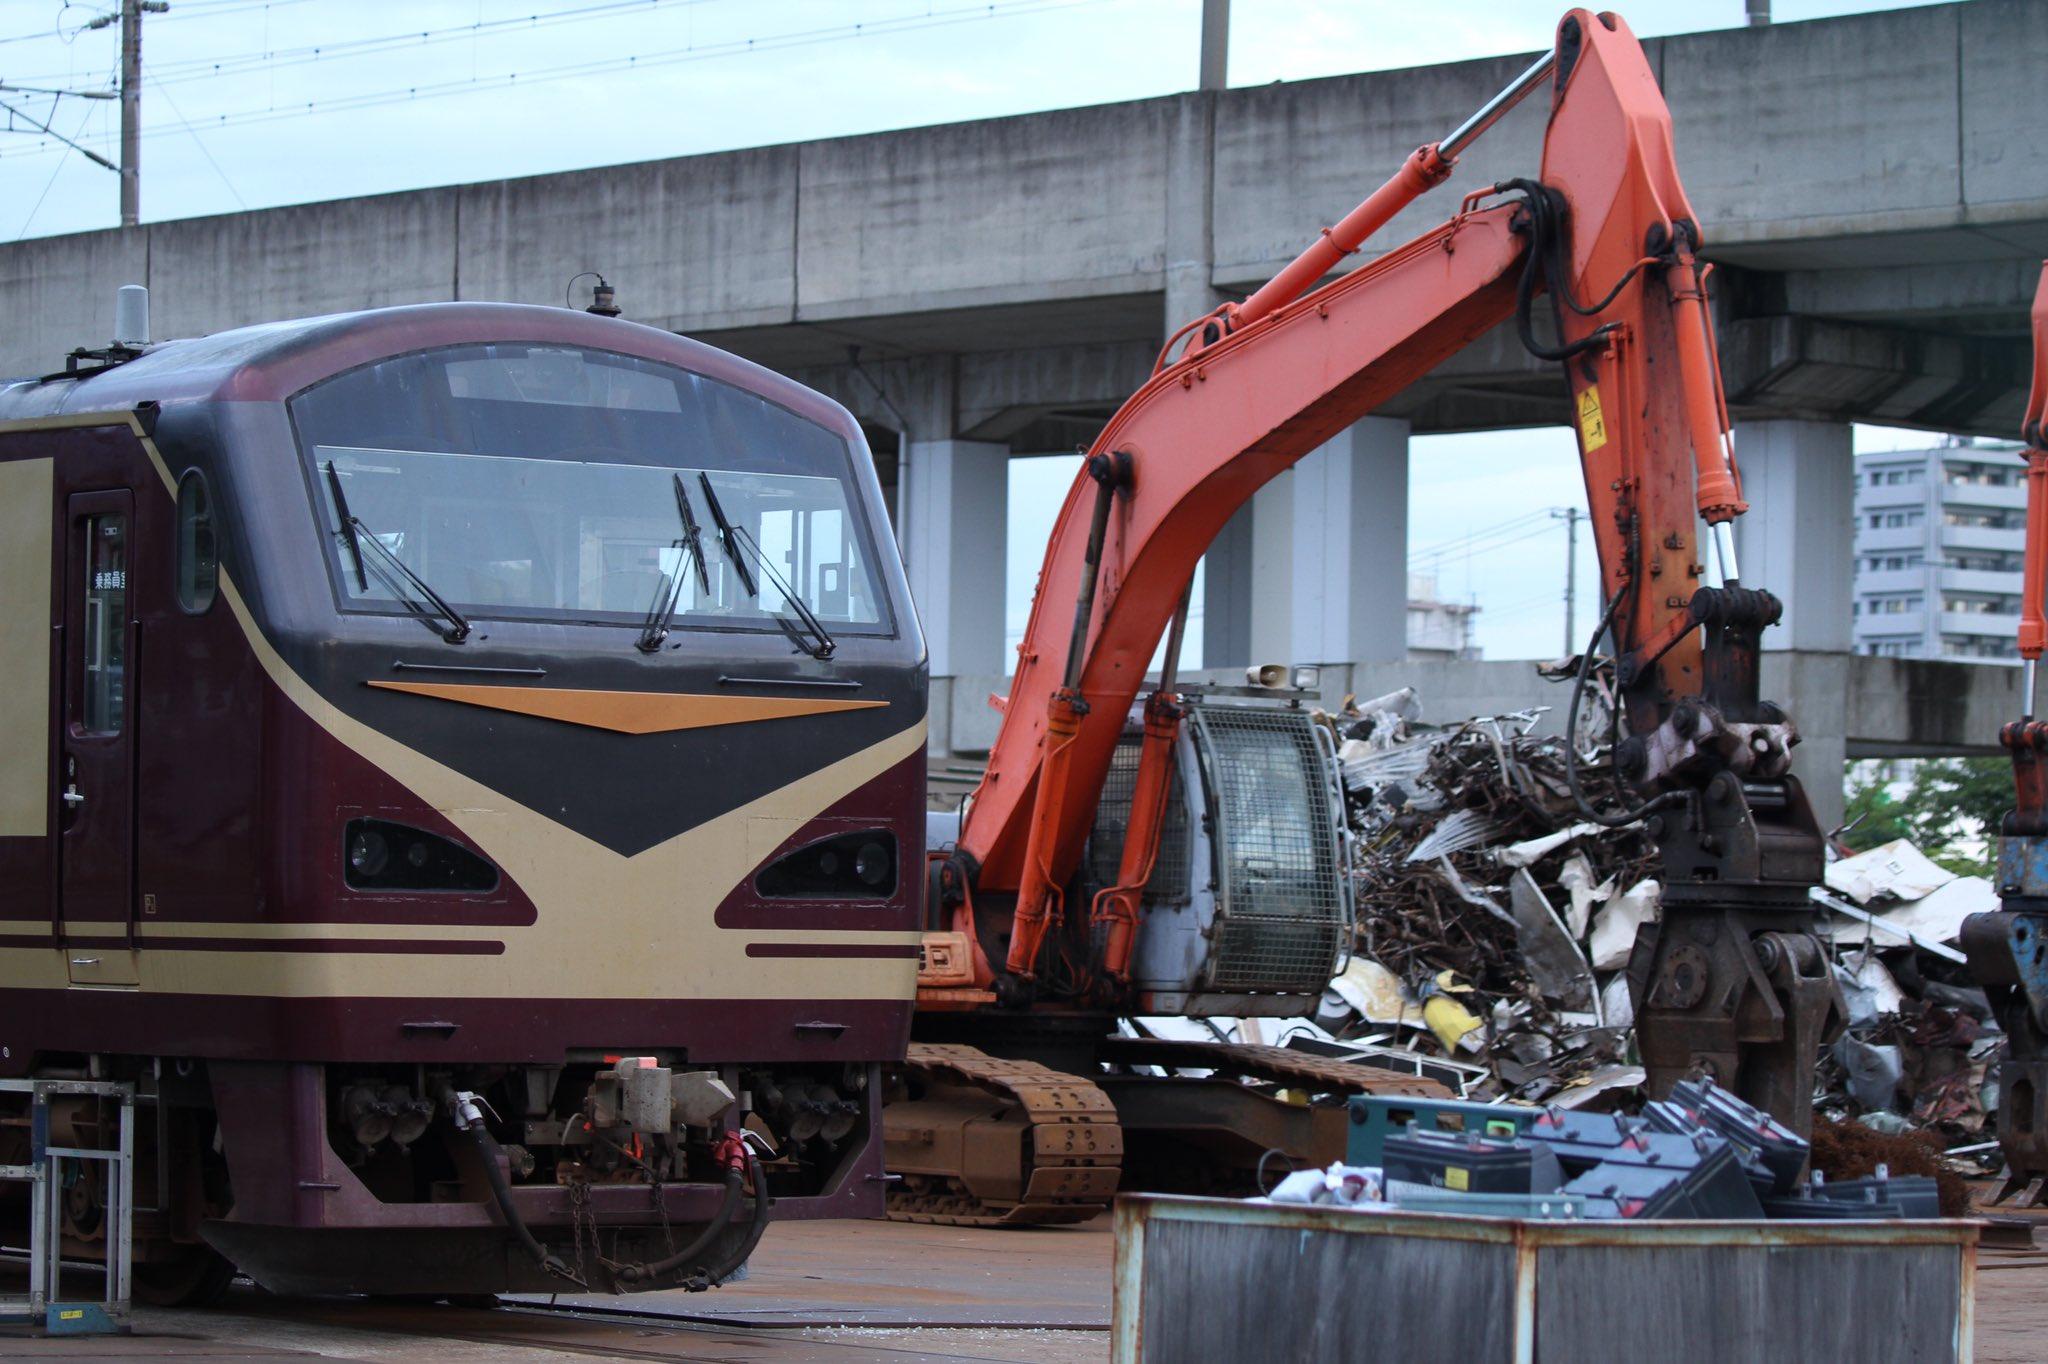 【引退から1ヶ月で解体】リゾートみのりキハ48-546が只見線キハ40-2141と連結し郡山車両センターの解体場に入る